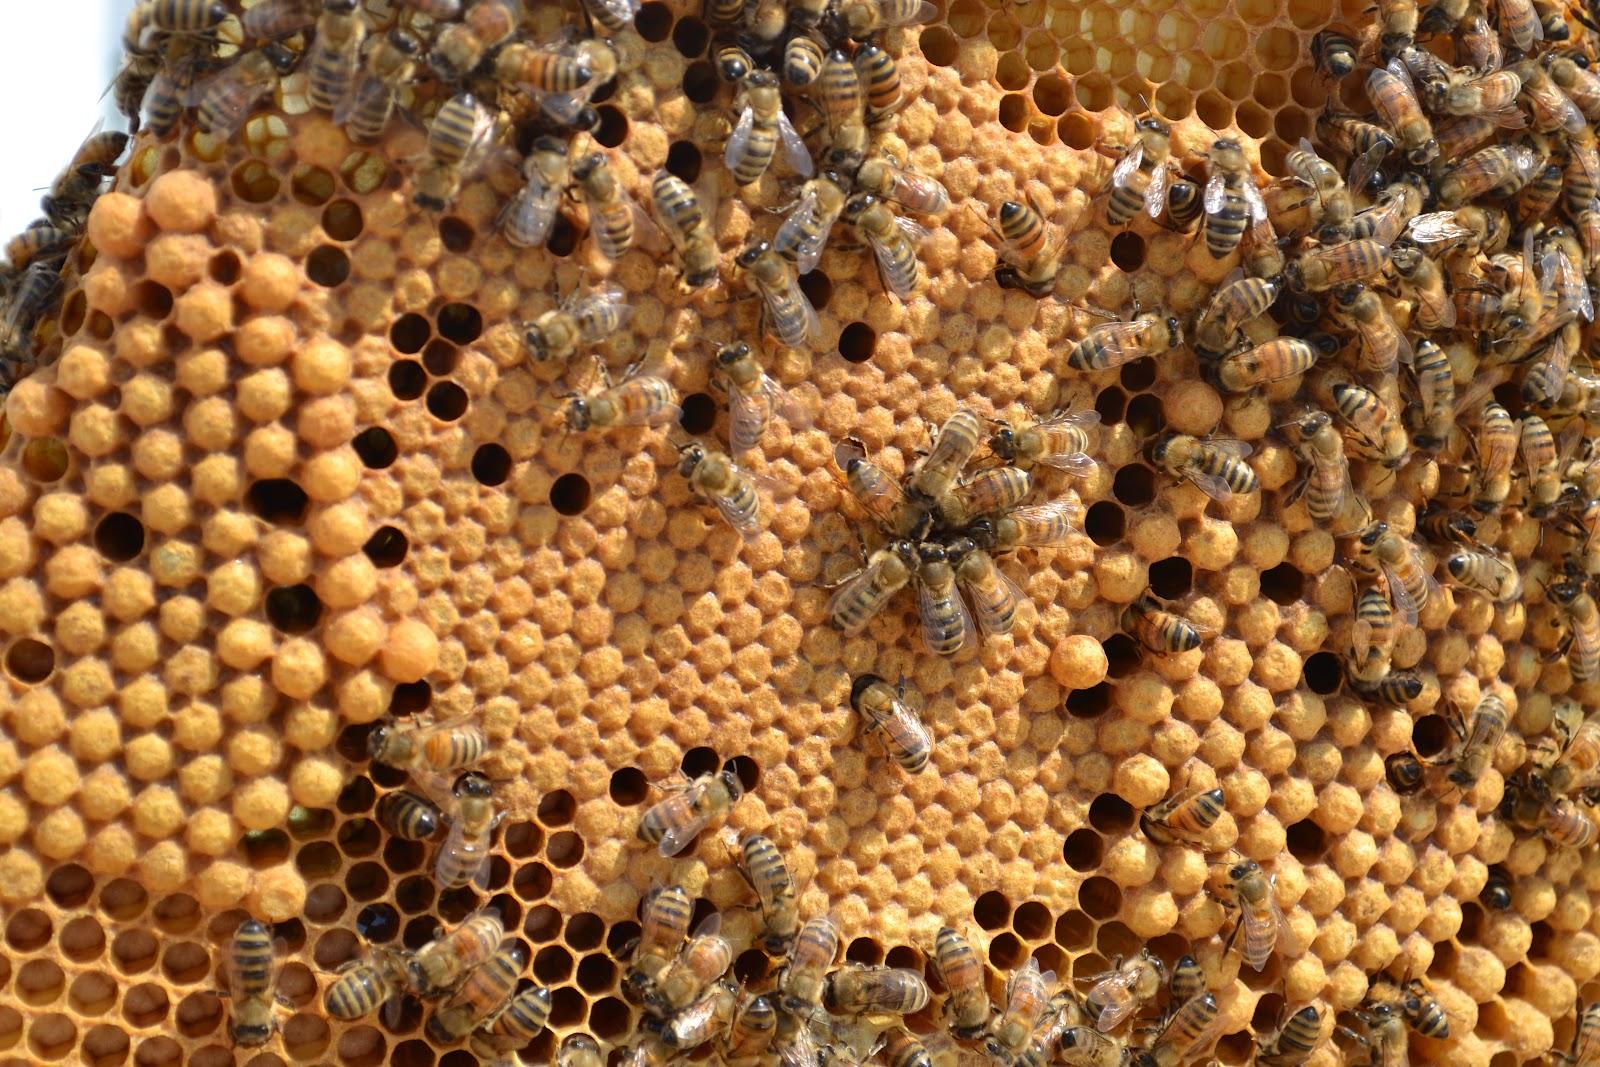 حضنة ذكر النحل و دورة حياته